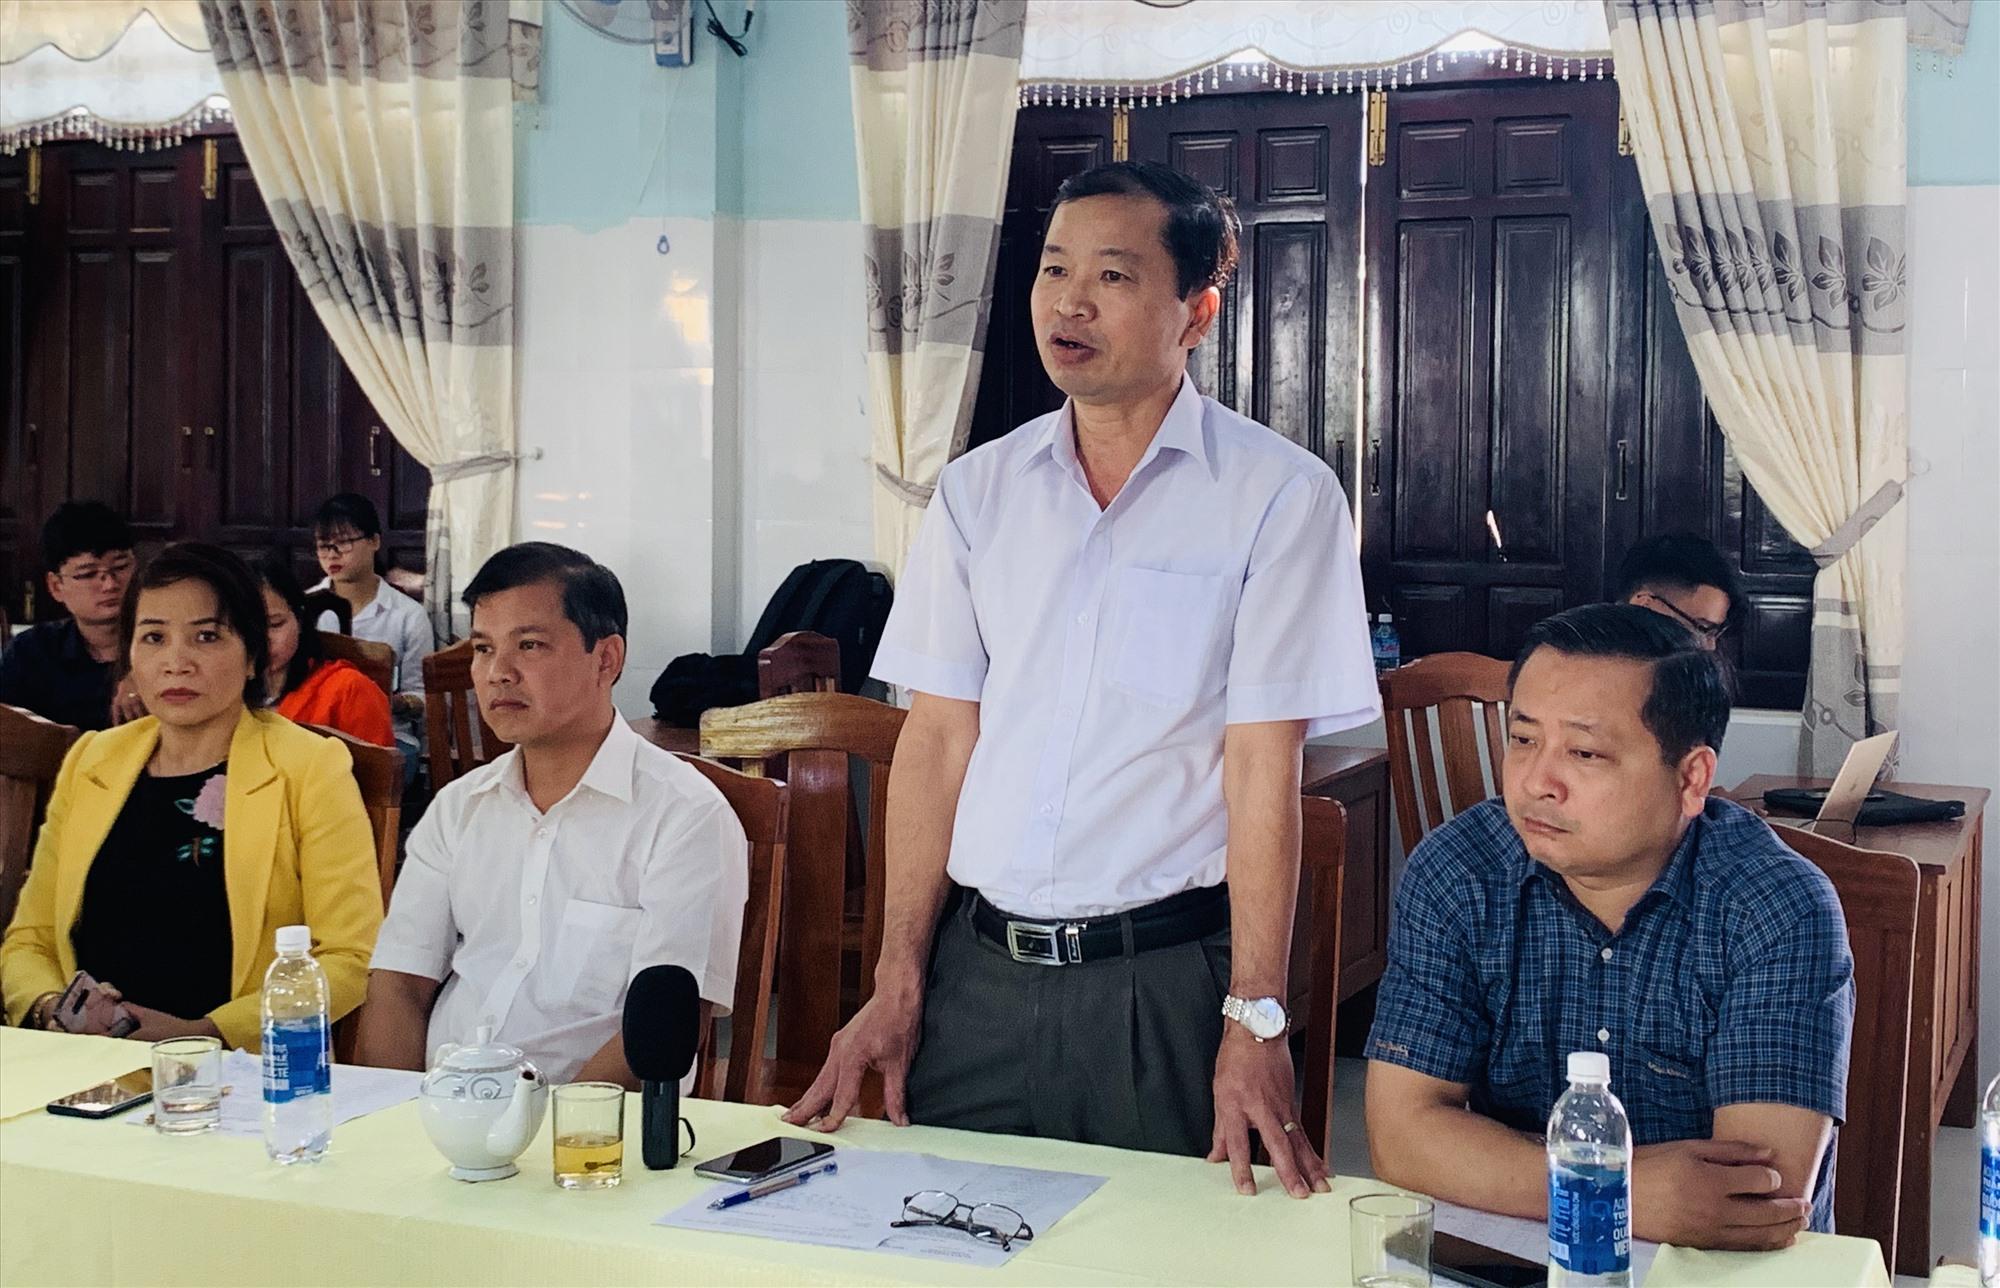 Ông Trần Văn Mai - Chủ tịch UBND huyện Đại Lộc phát biểu tại cuộc họp. Ảnh: Nhóm P.V